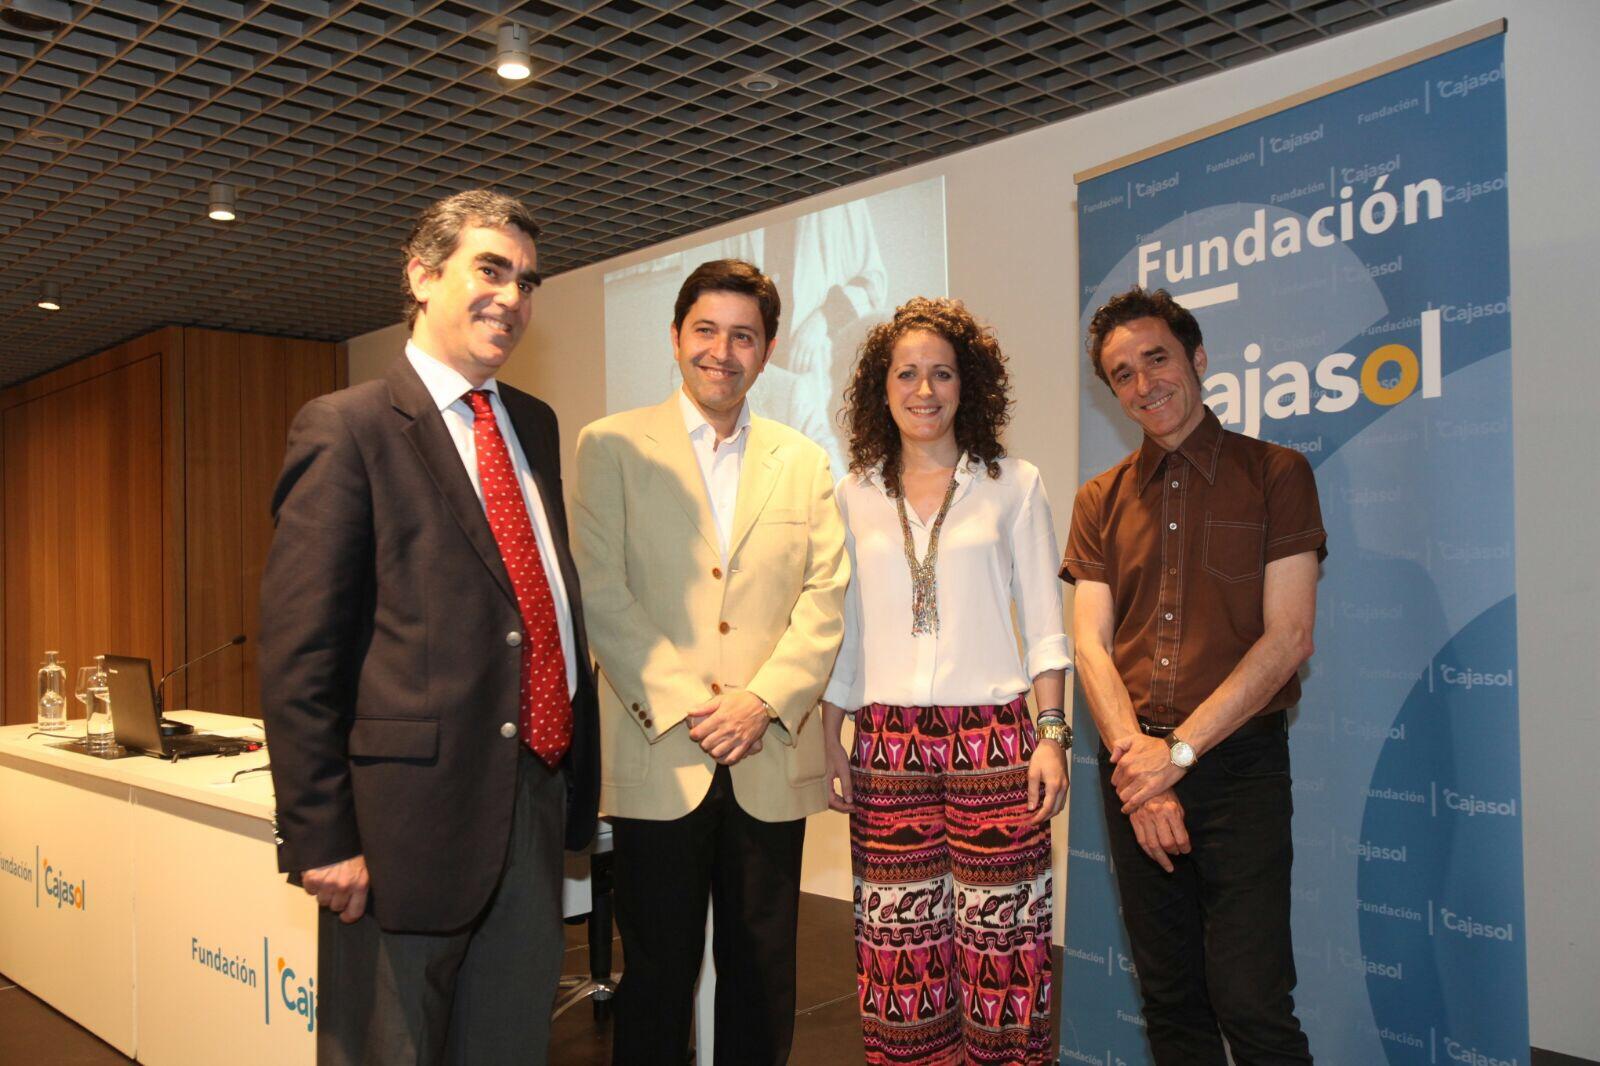 Conferencia sobre Manolete en la Fundación Cajasol (Córdoba)